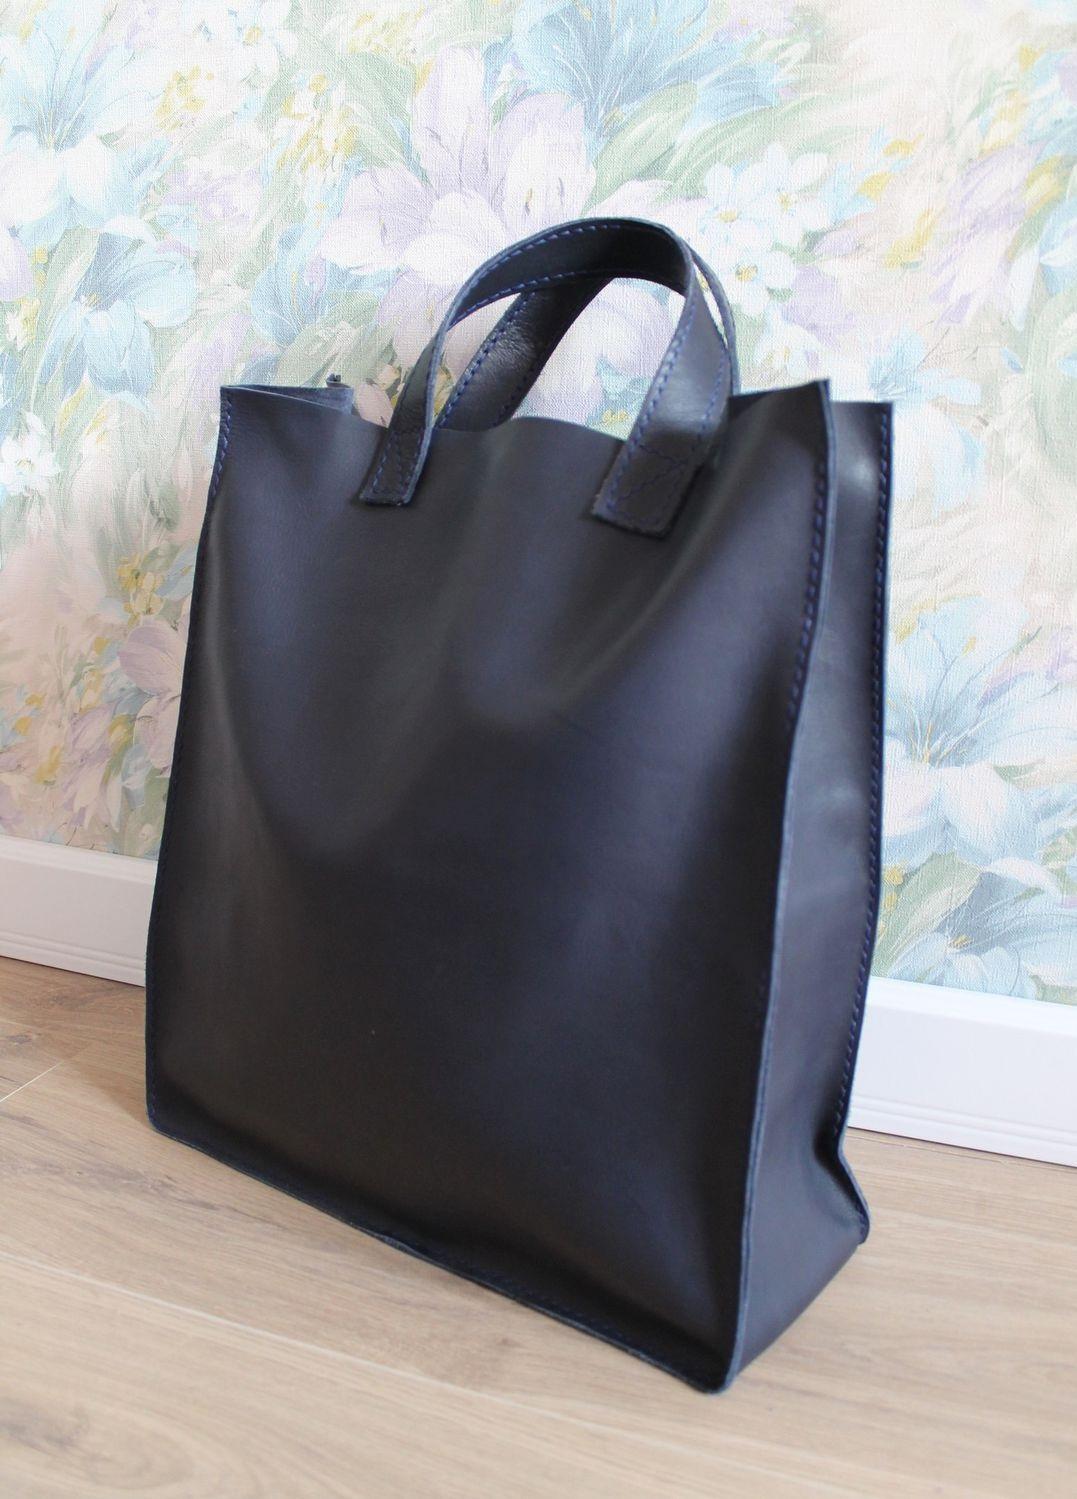 модные сумки весна лето 2019: шоппер черная